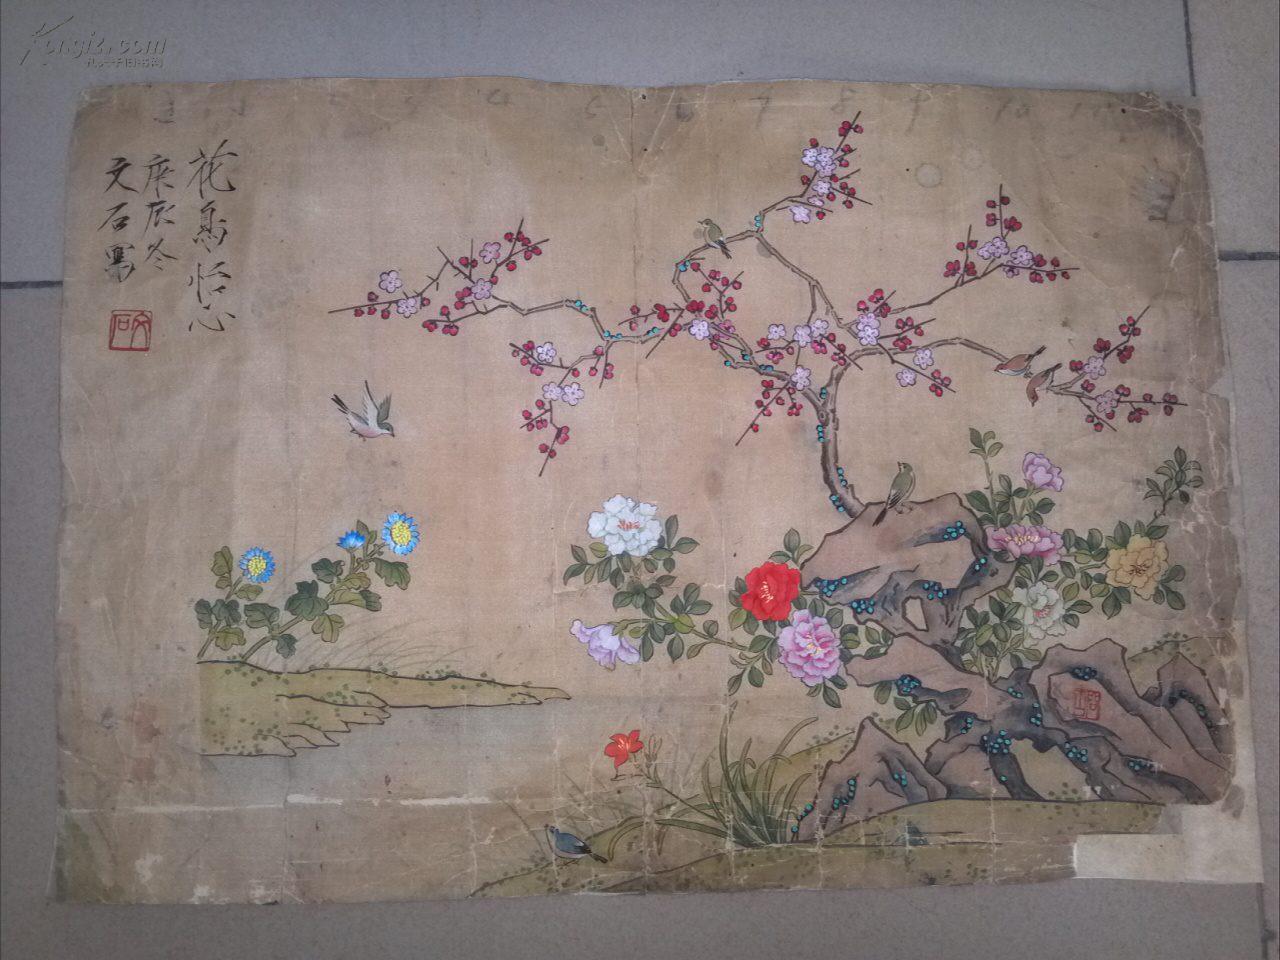 出版社底稿 老绢本 花鸟画  花鸟怡心  30.1×43厘米